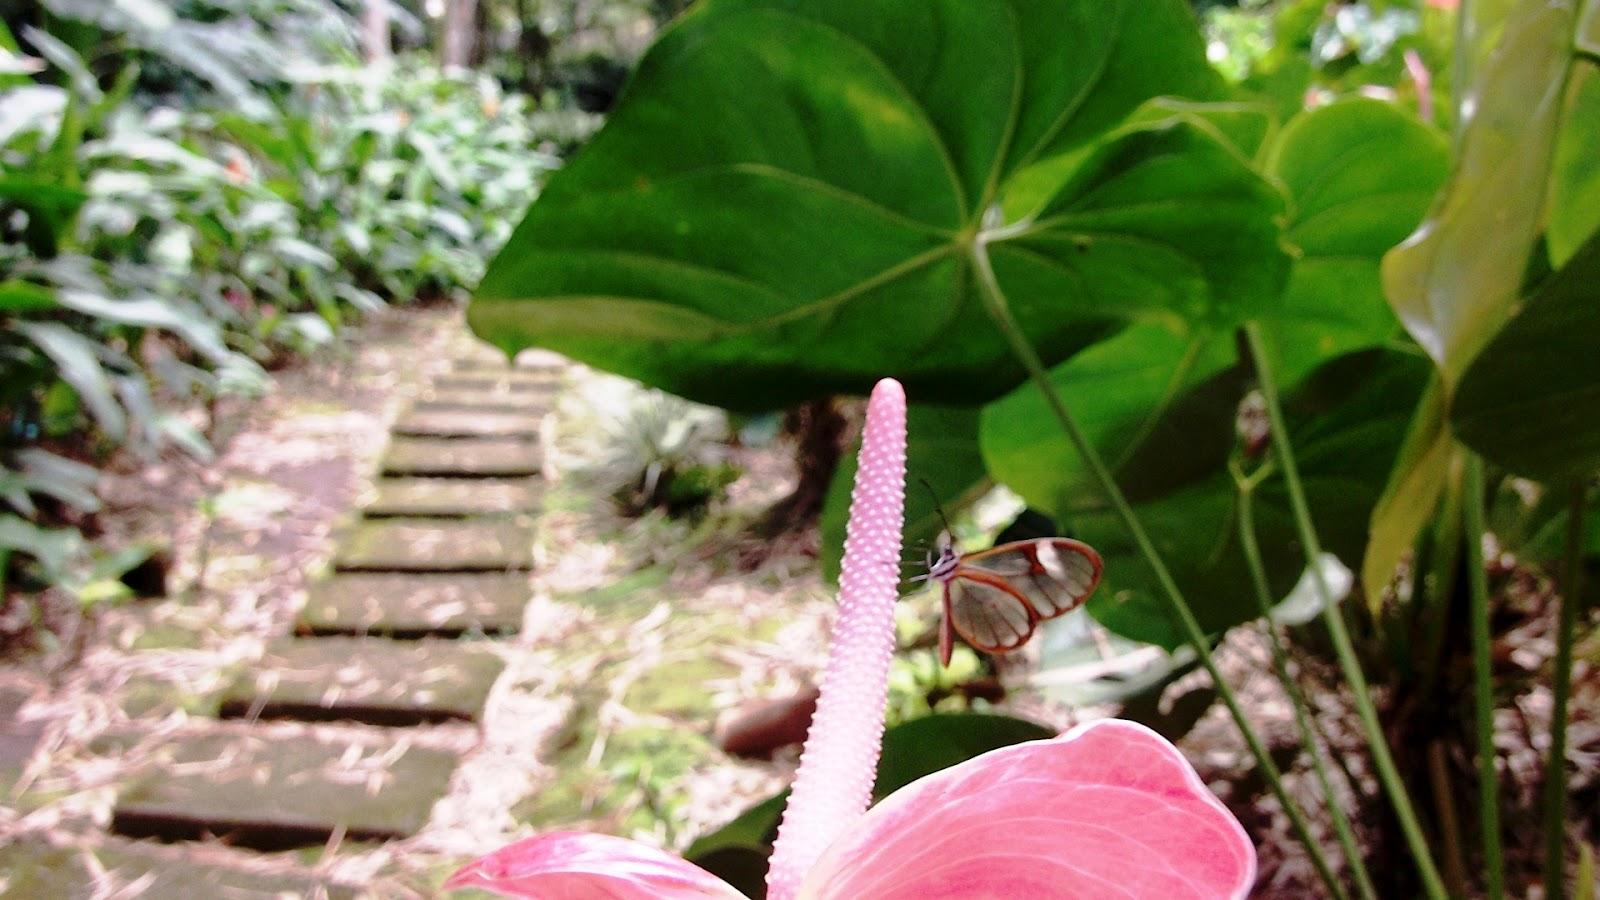 Marsella mi jardin sabias que for Jardines de anturios